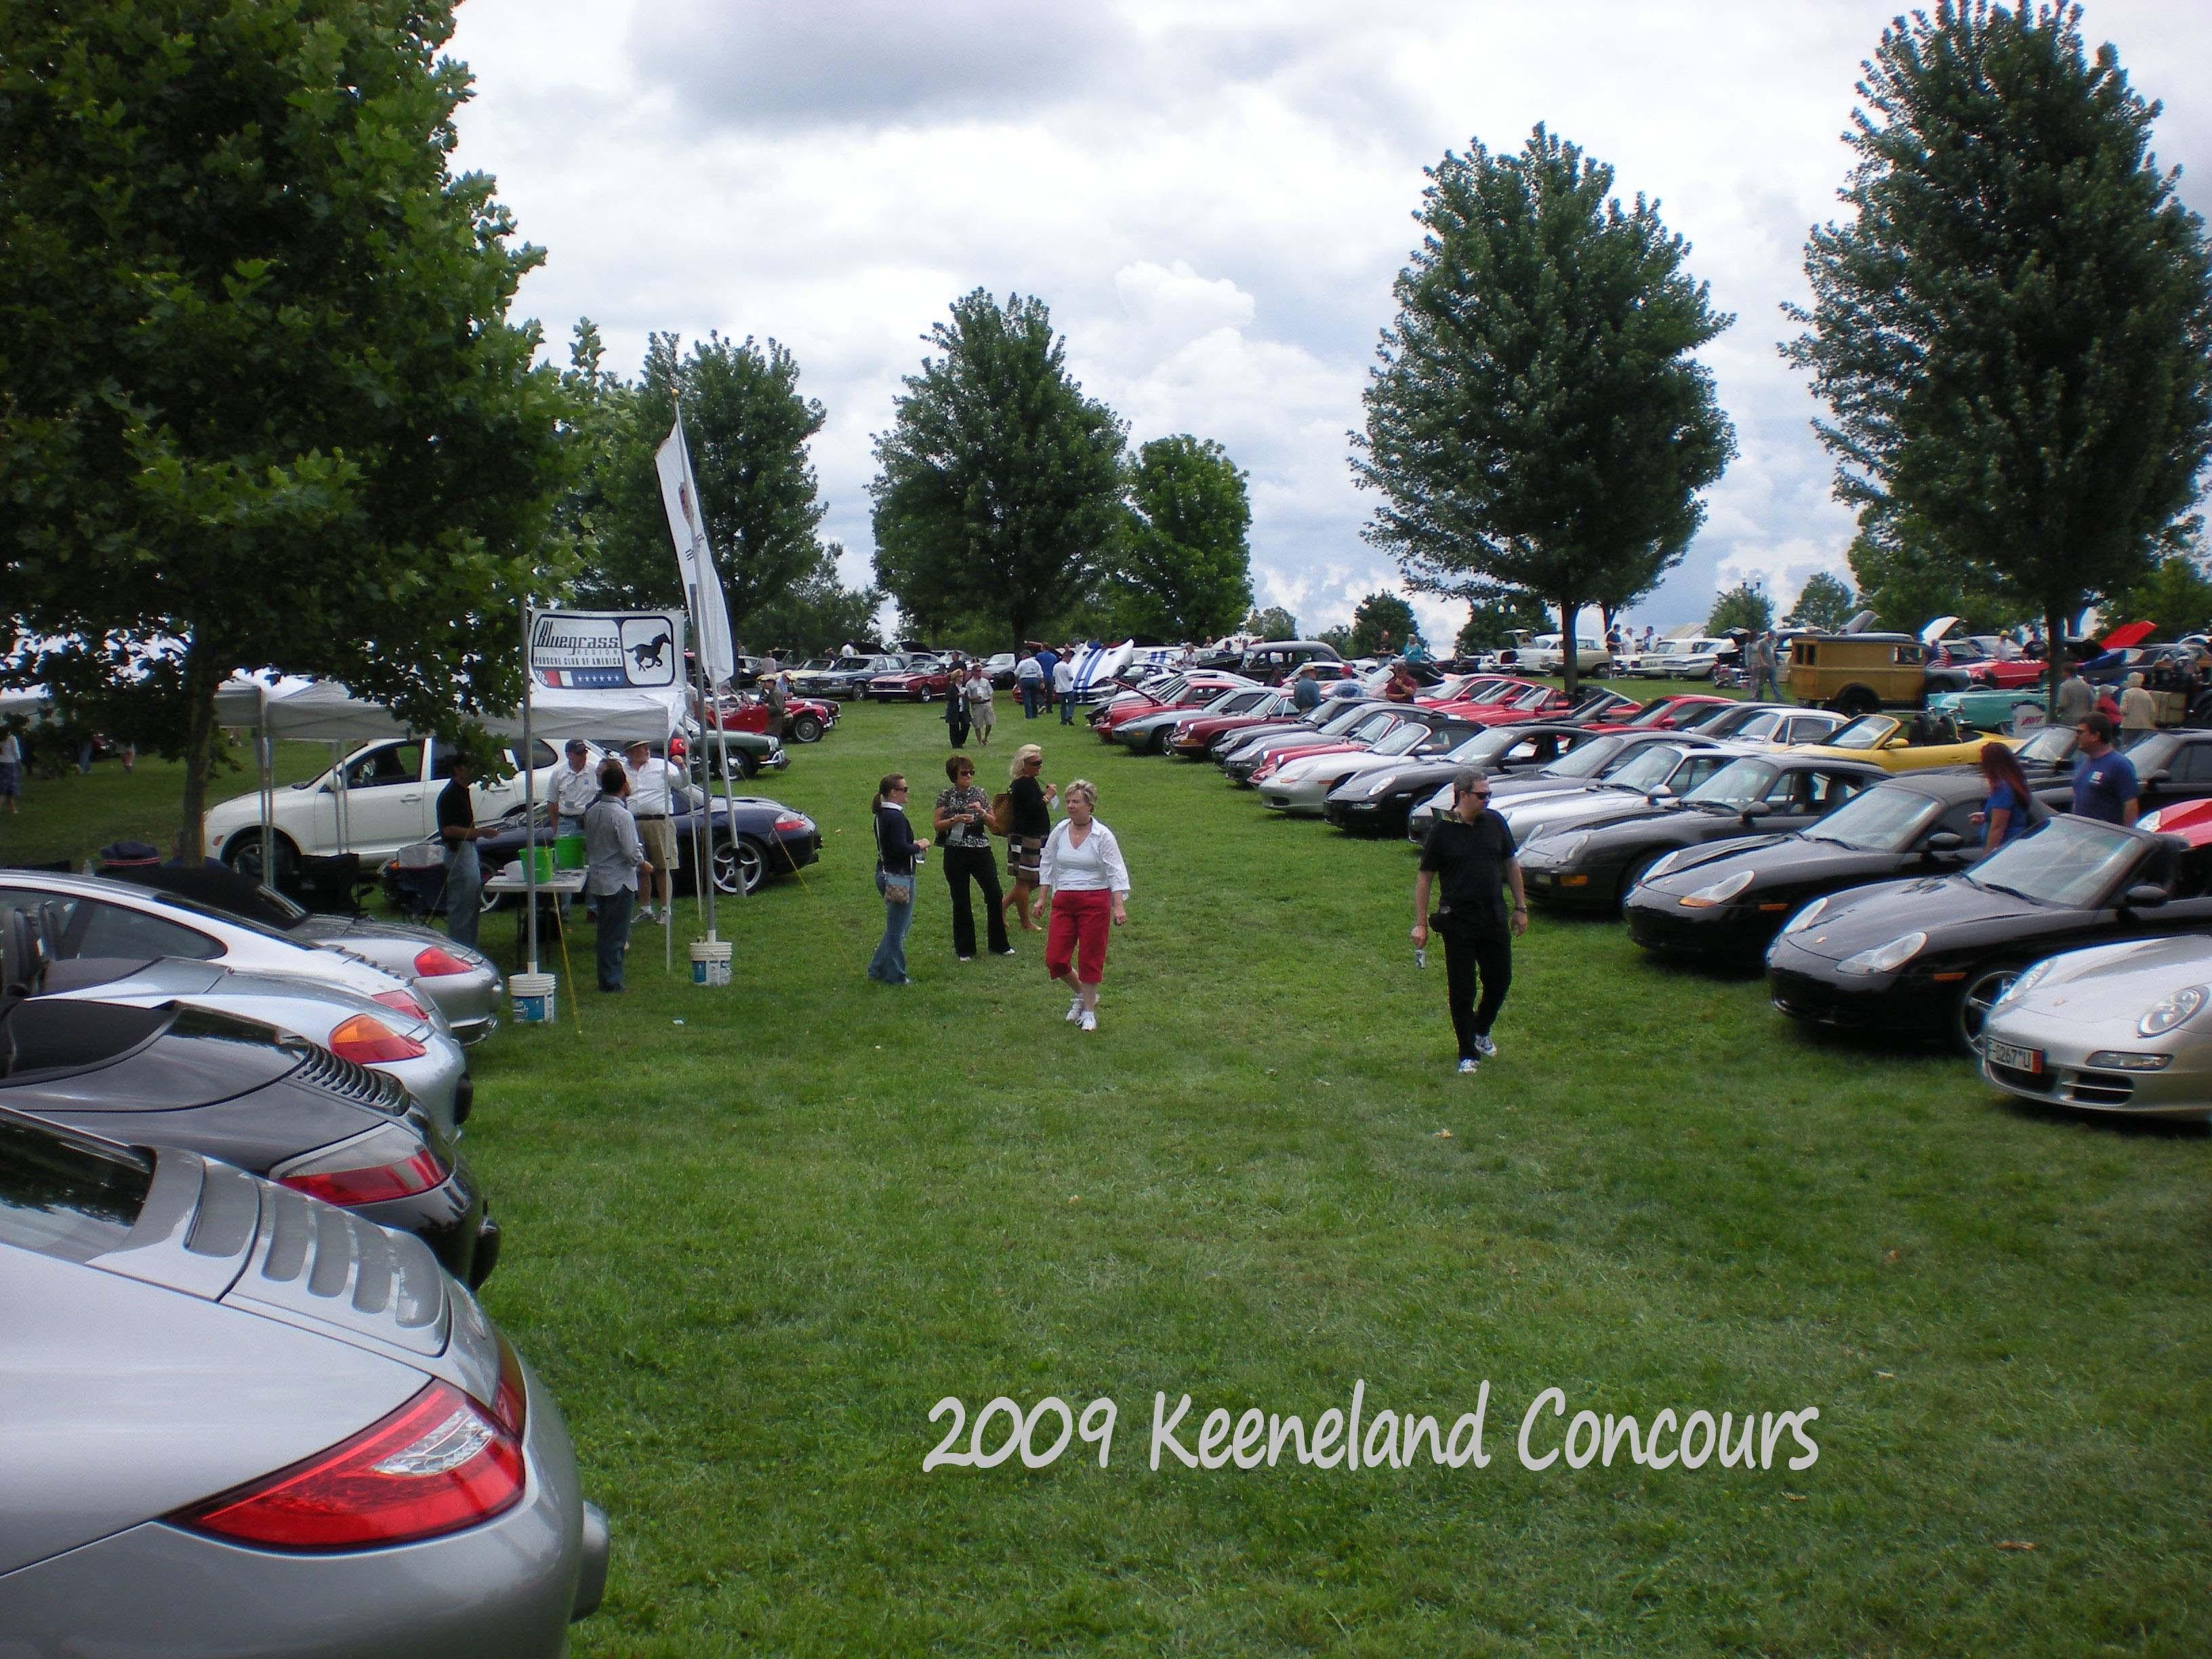 2009-Keeneland-Concours-DSCN0668